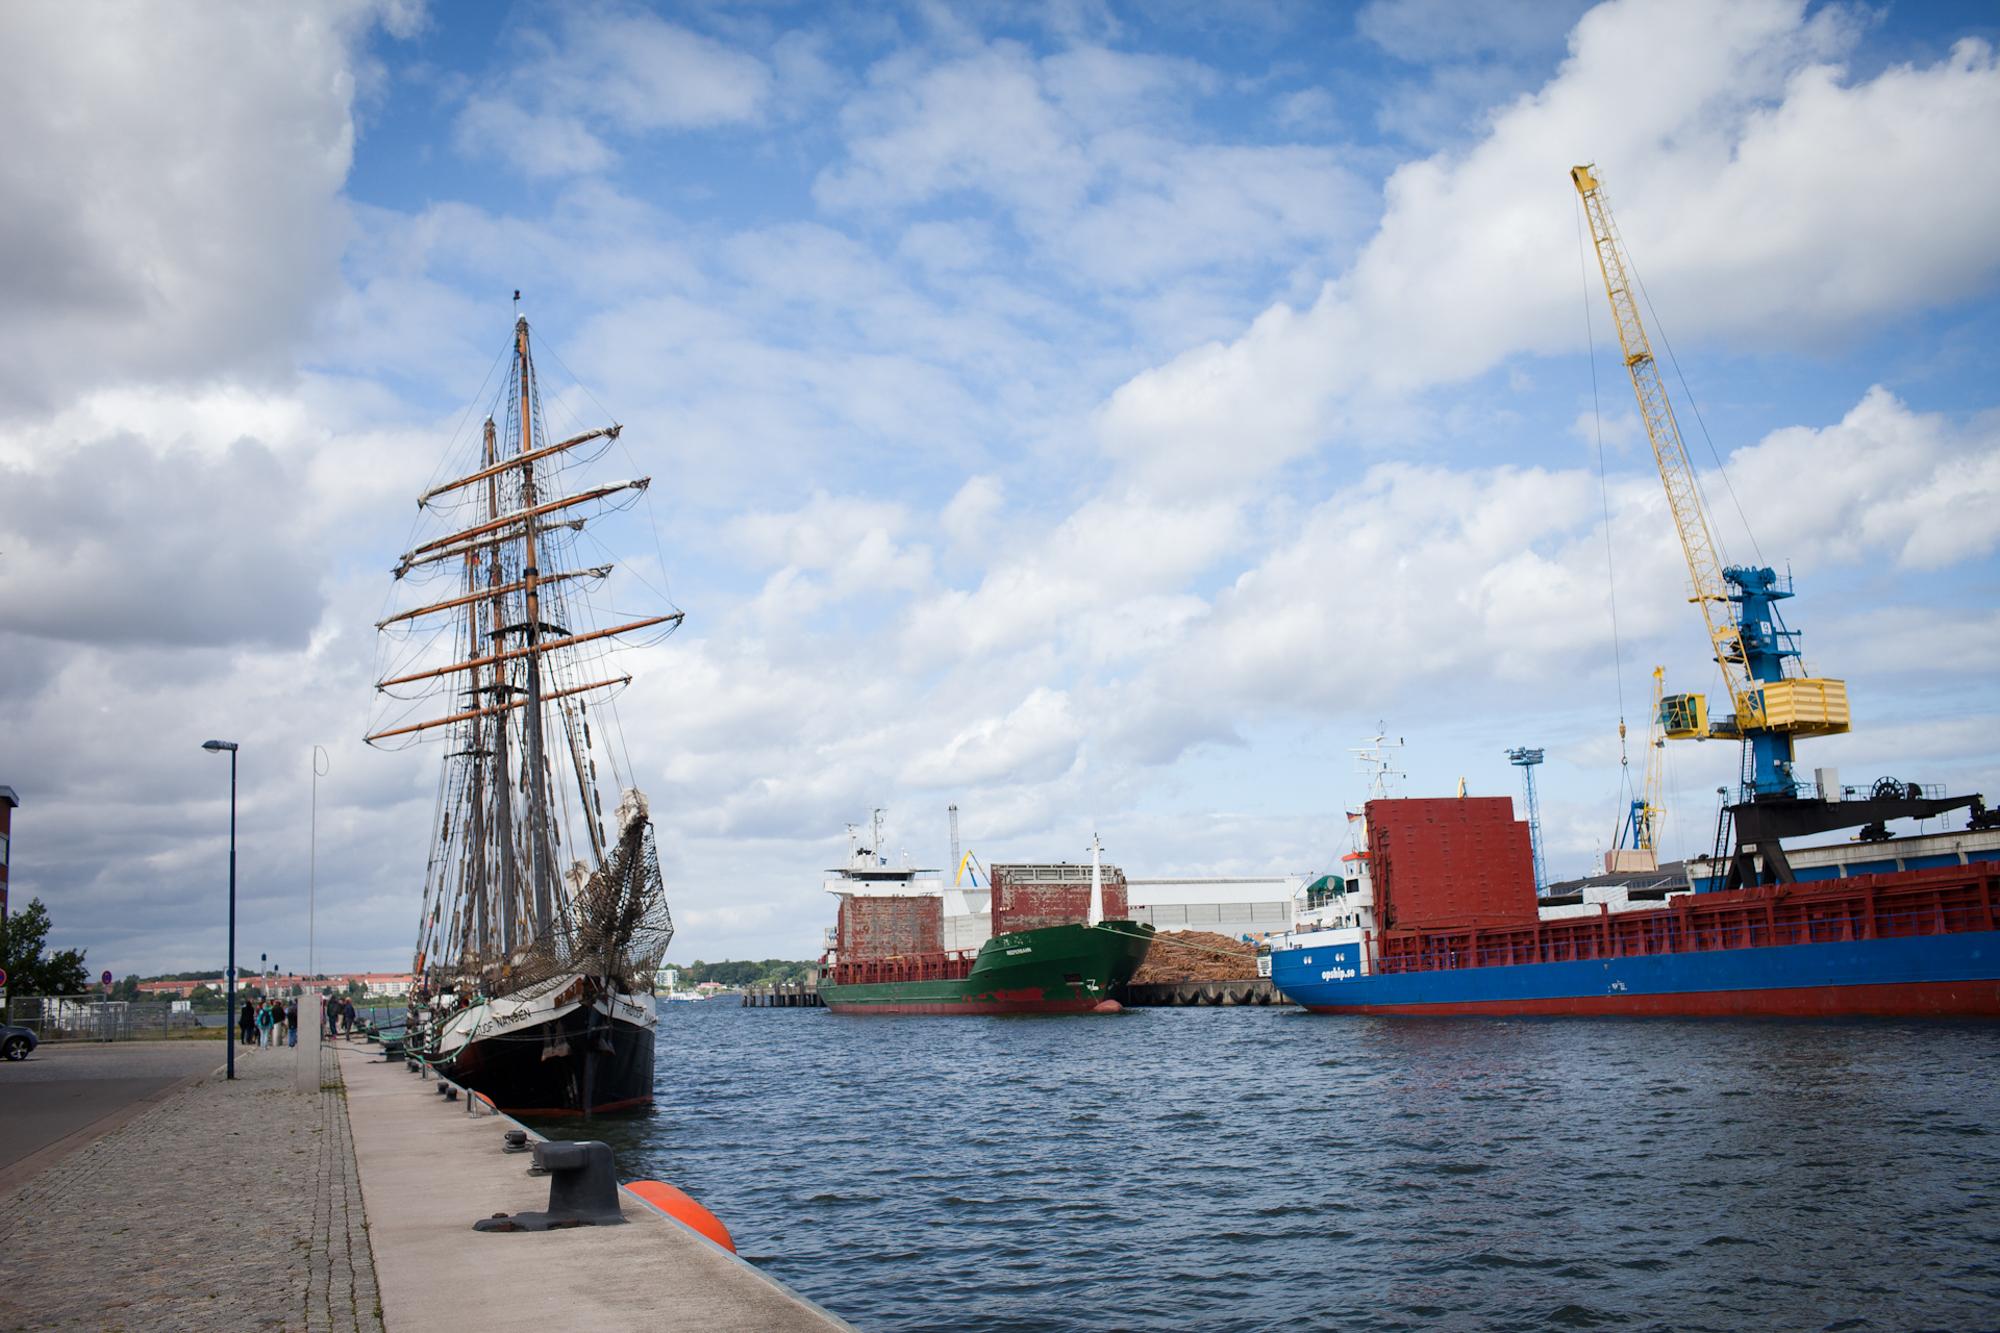 Fridjof Nanson im Hafen in Wismar. 31. 7. 2015. Charlotte Strauss auf dem Schiff Fridjof Nanson wo sie ihren Ausbildungsturn om 31. 7 bis 5. 8 absolviert. Fotograf: Evi Lemberger